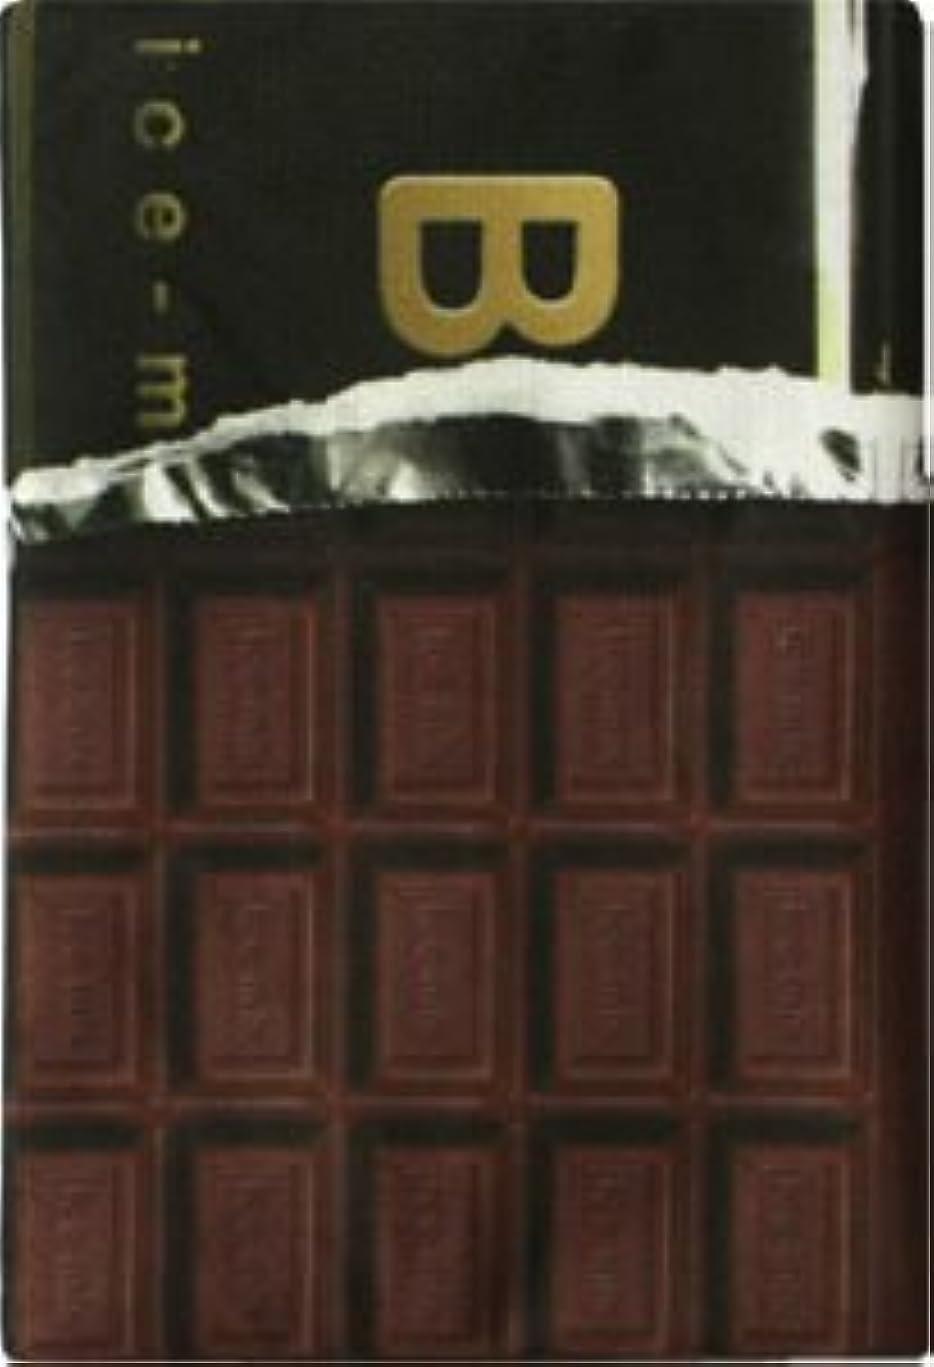 純度くしゃくしゃソース面白ブックカバー 【チョコレート】 文庫本サイズ (紐しおり付き) かわいい Book Cover